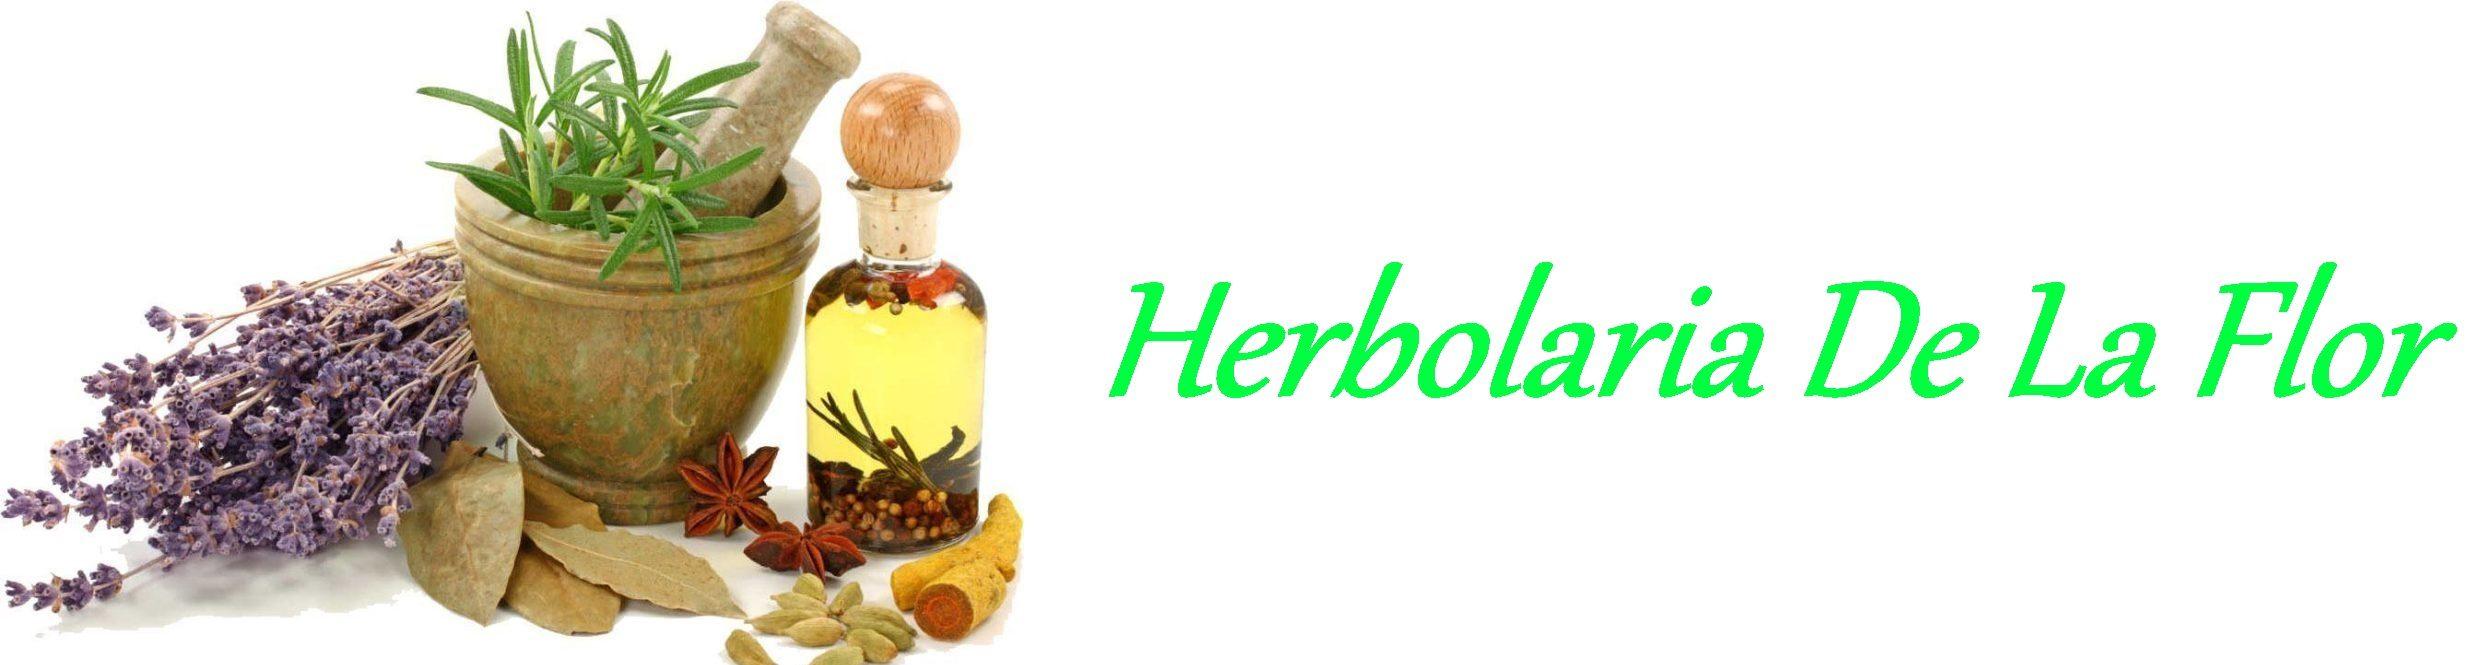 Herbolaria De La Flor